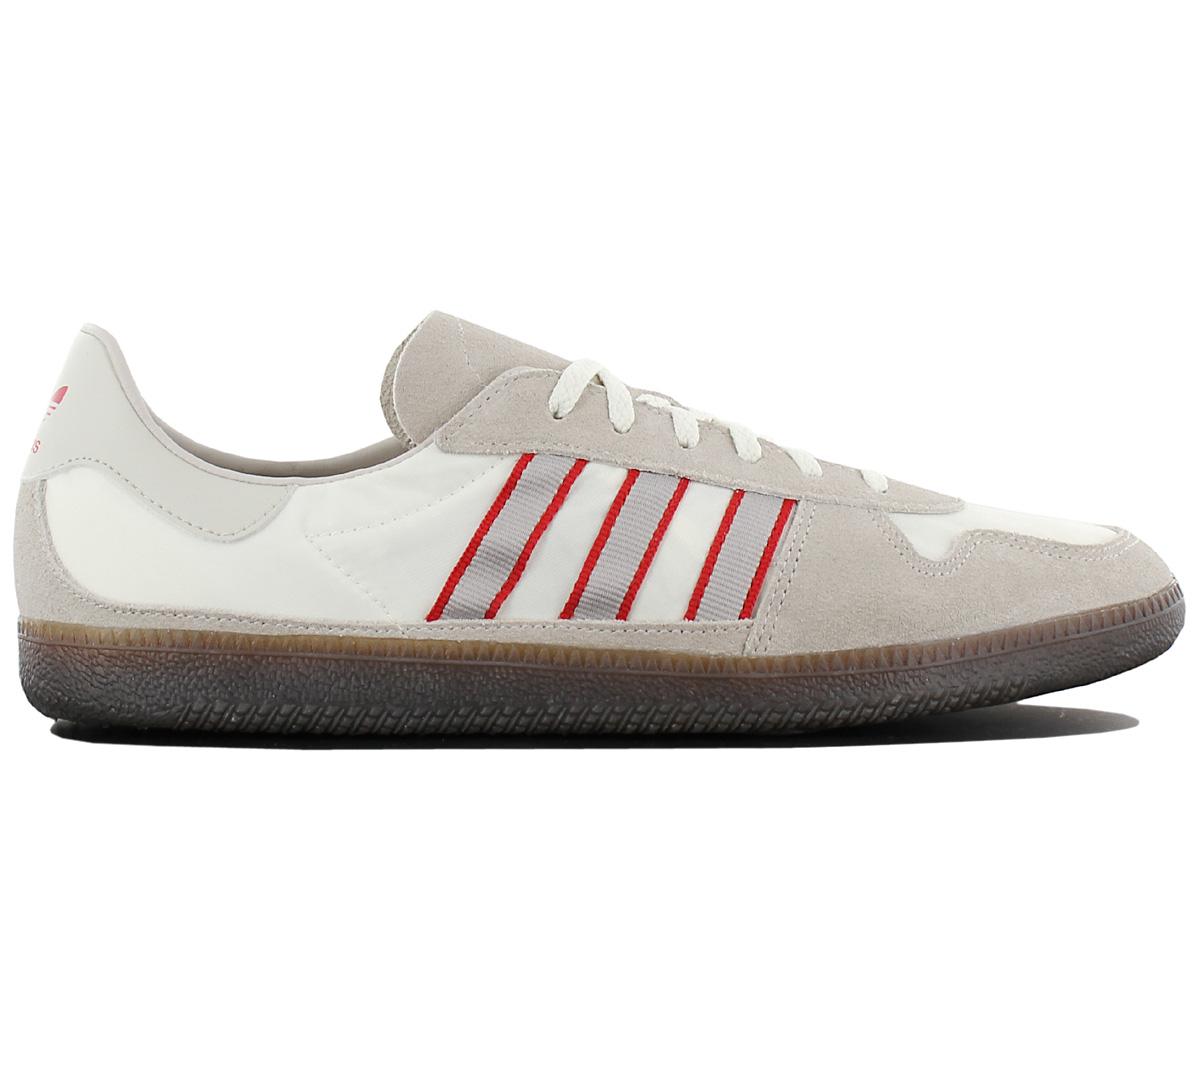 NEW adidas Originals Hulton Spezial